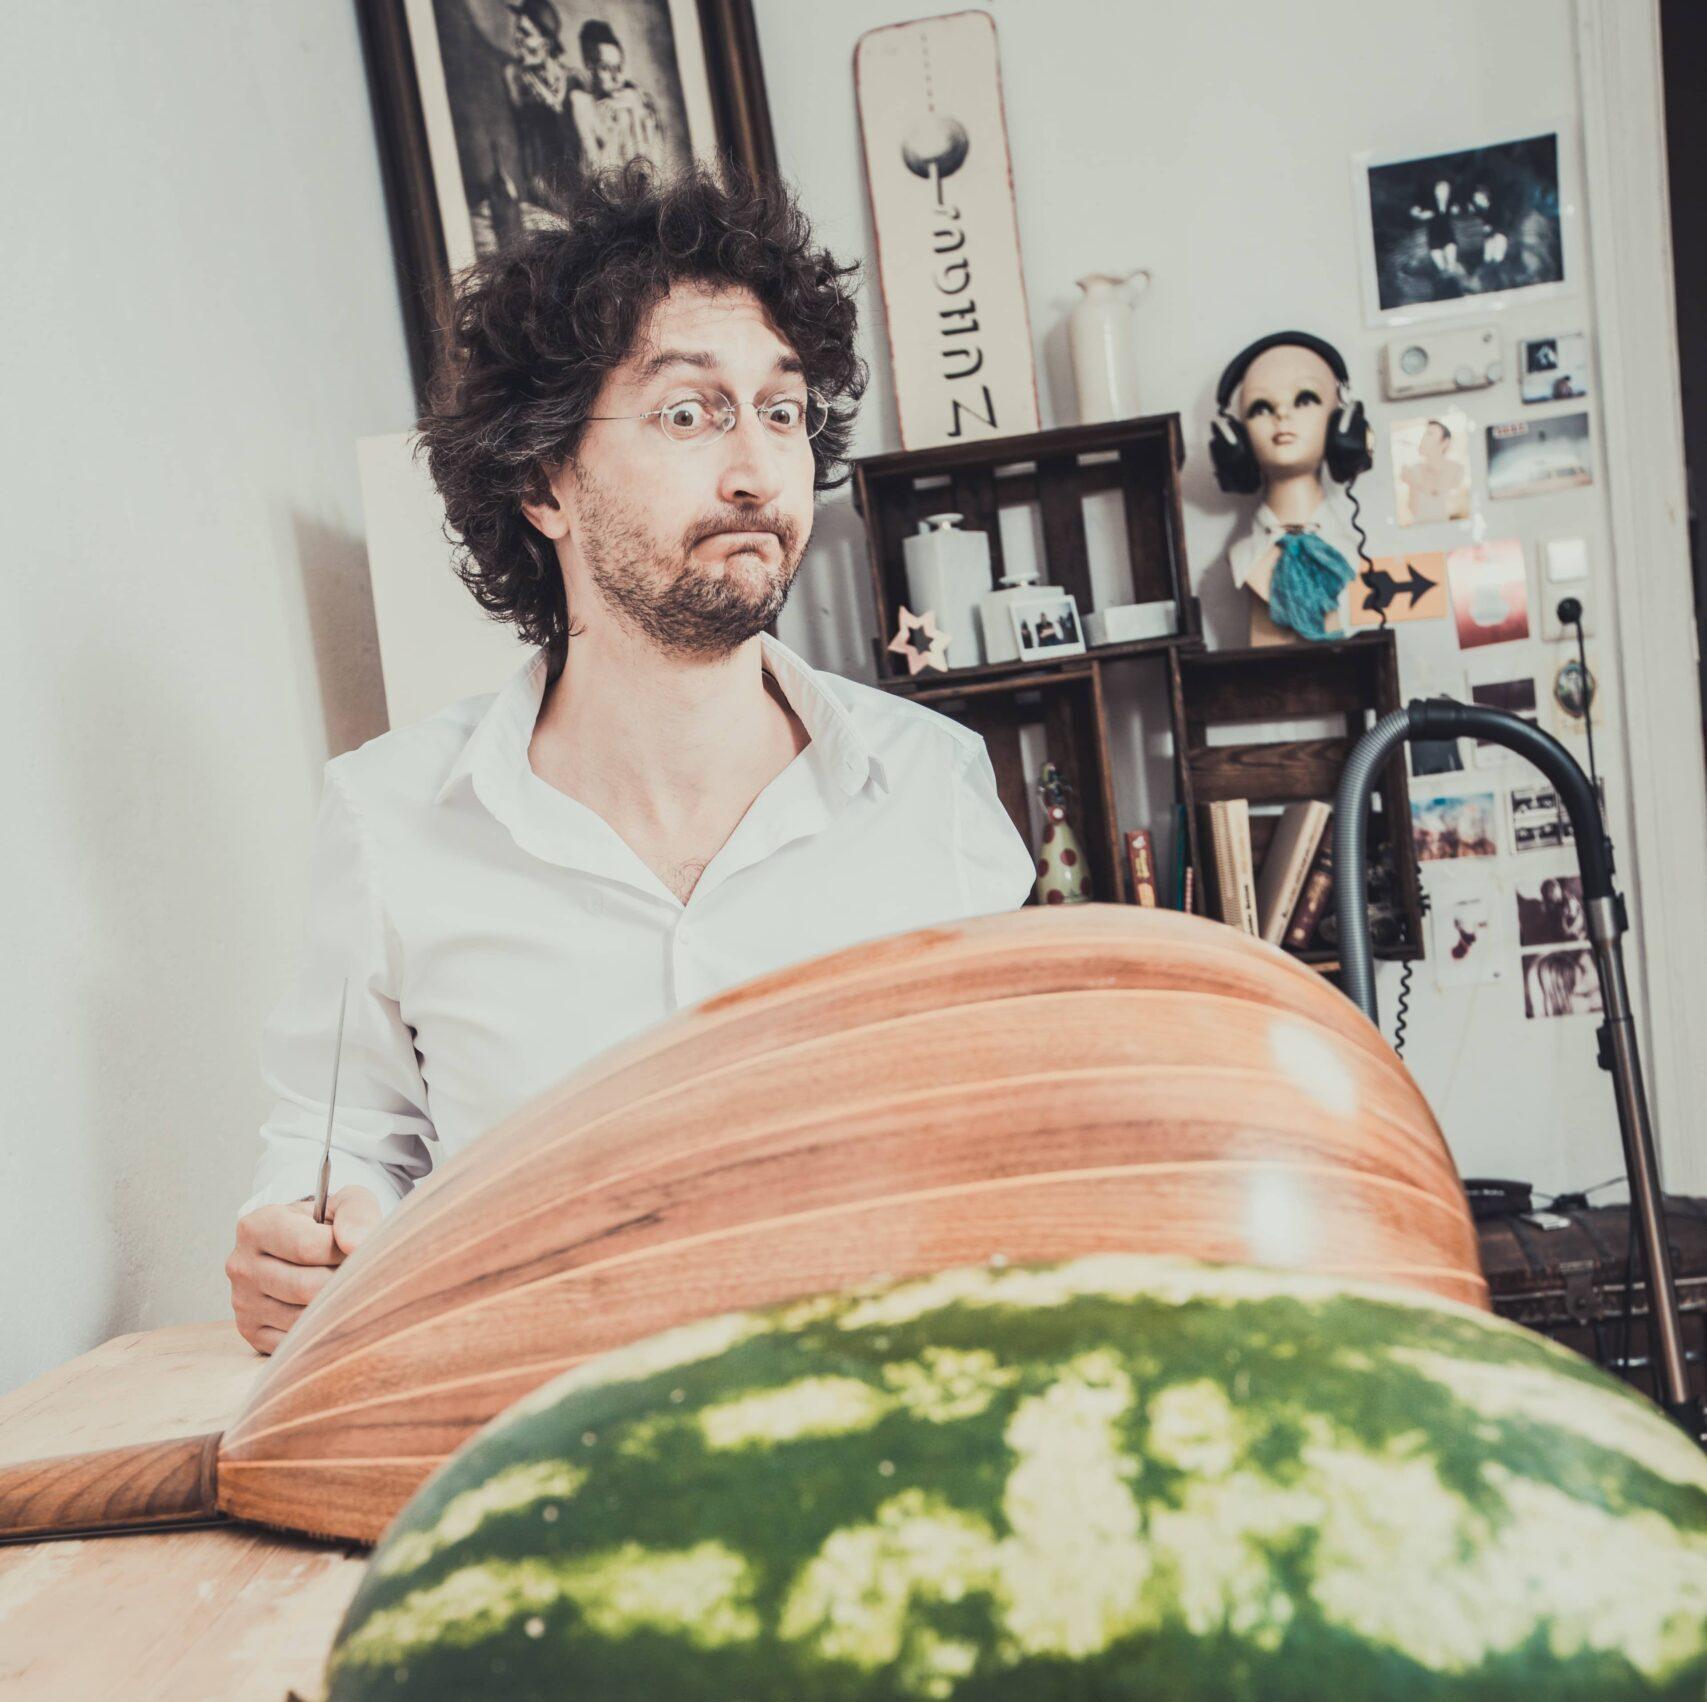 Andrea Mozzato mit Melonen